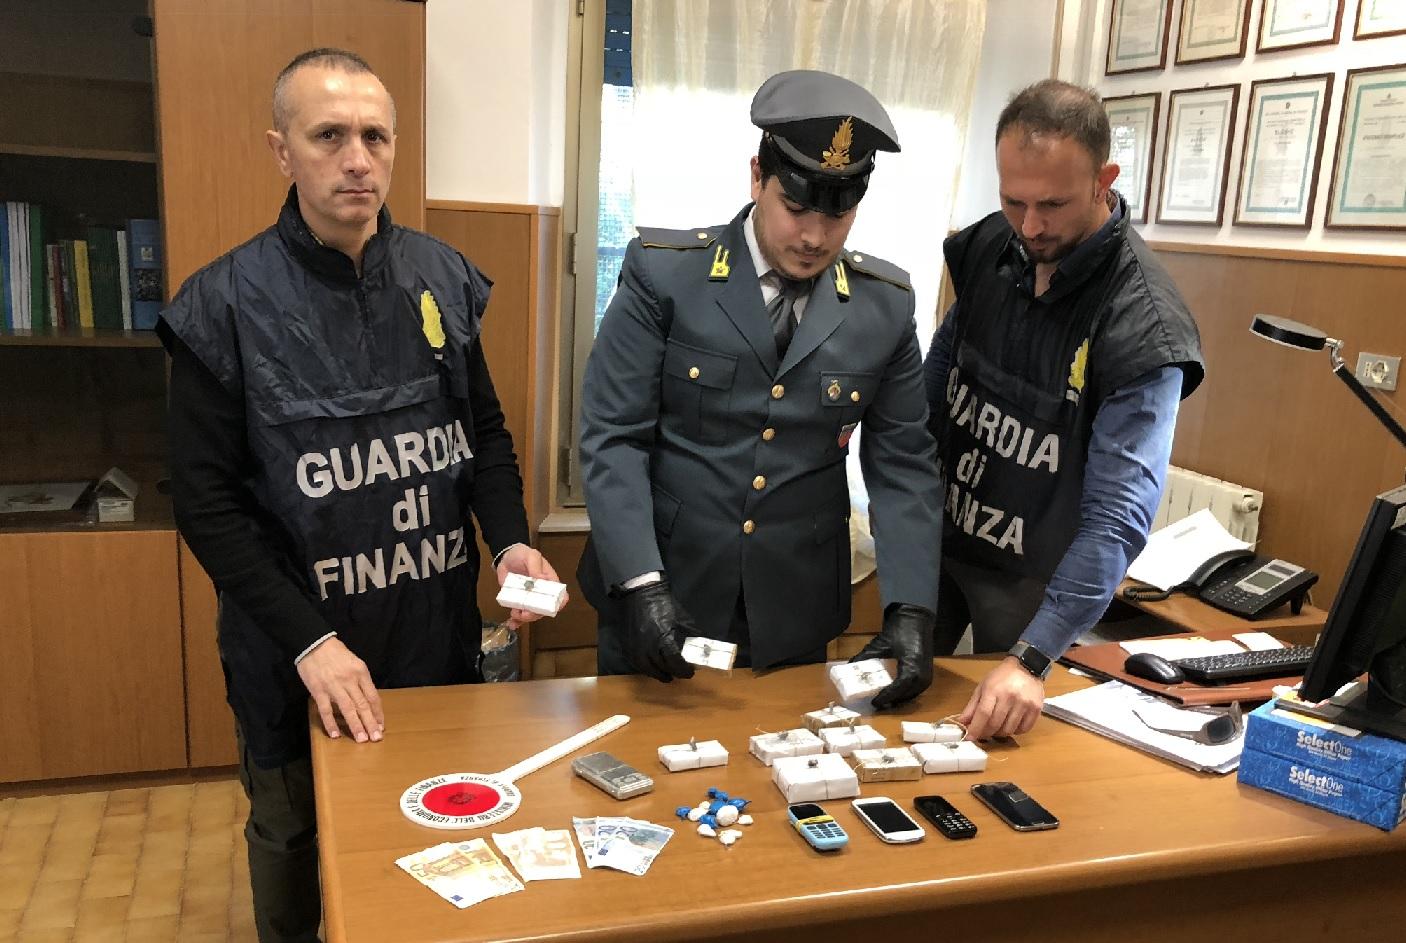 Porto Recanati, Finanza denuncia tre spacciatori